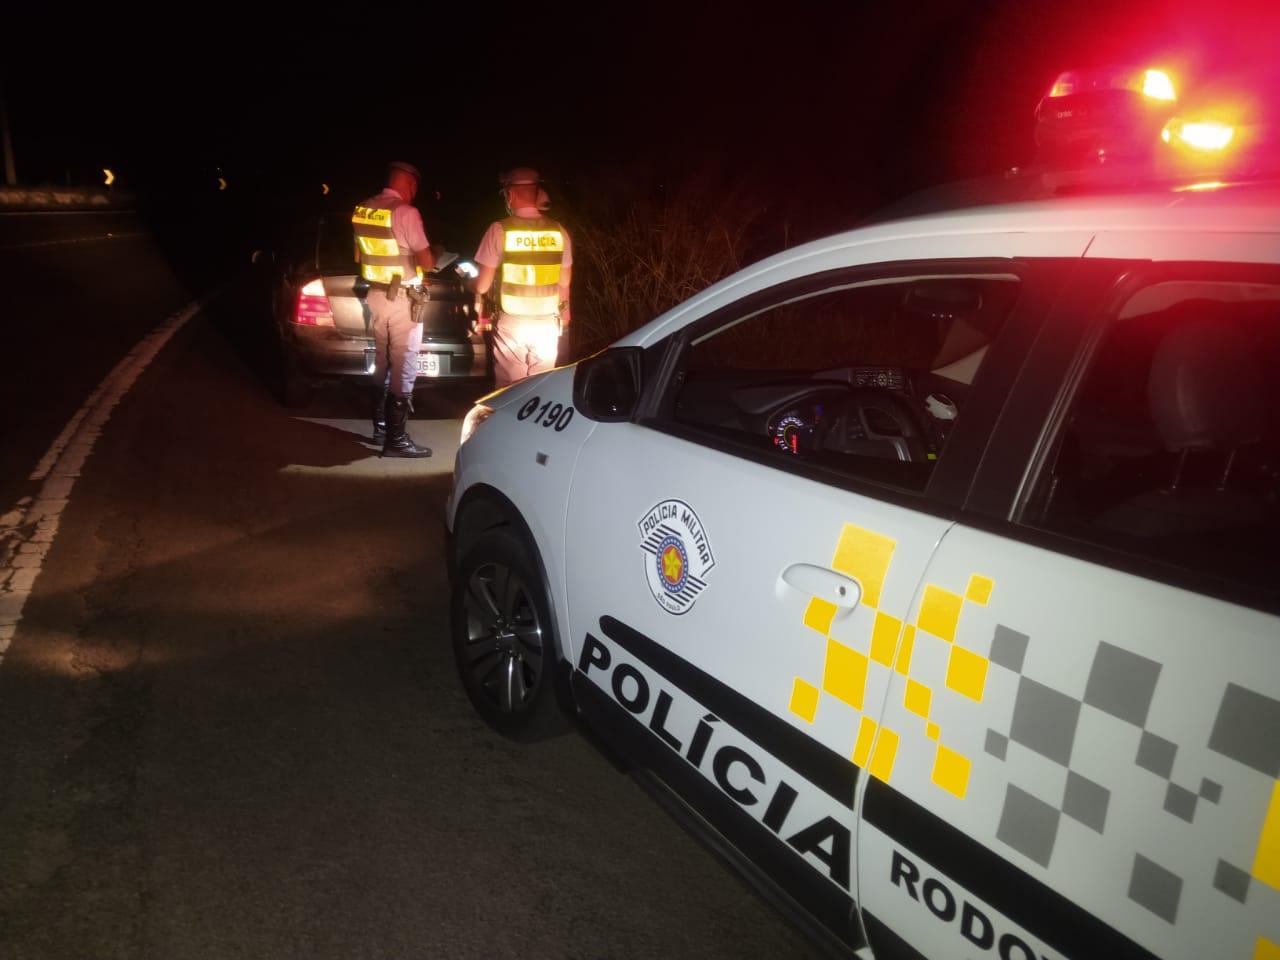 Pego no teste do bafômetro, motorista chama amigo para buscar carro e homem também é preso por embriaguez - Divulgação/Polícia Rodoviária